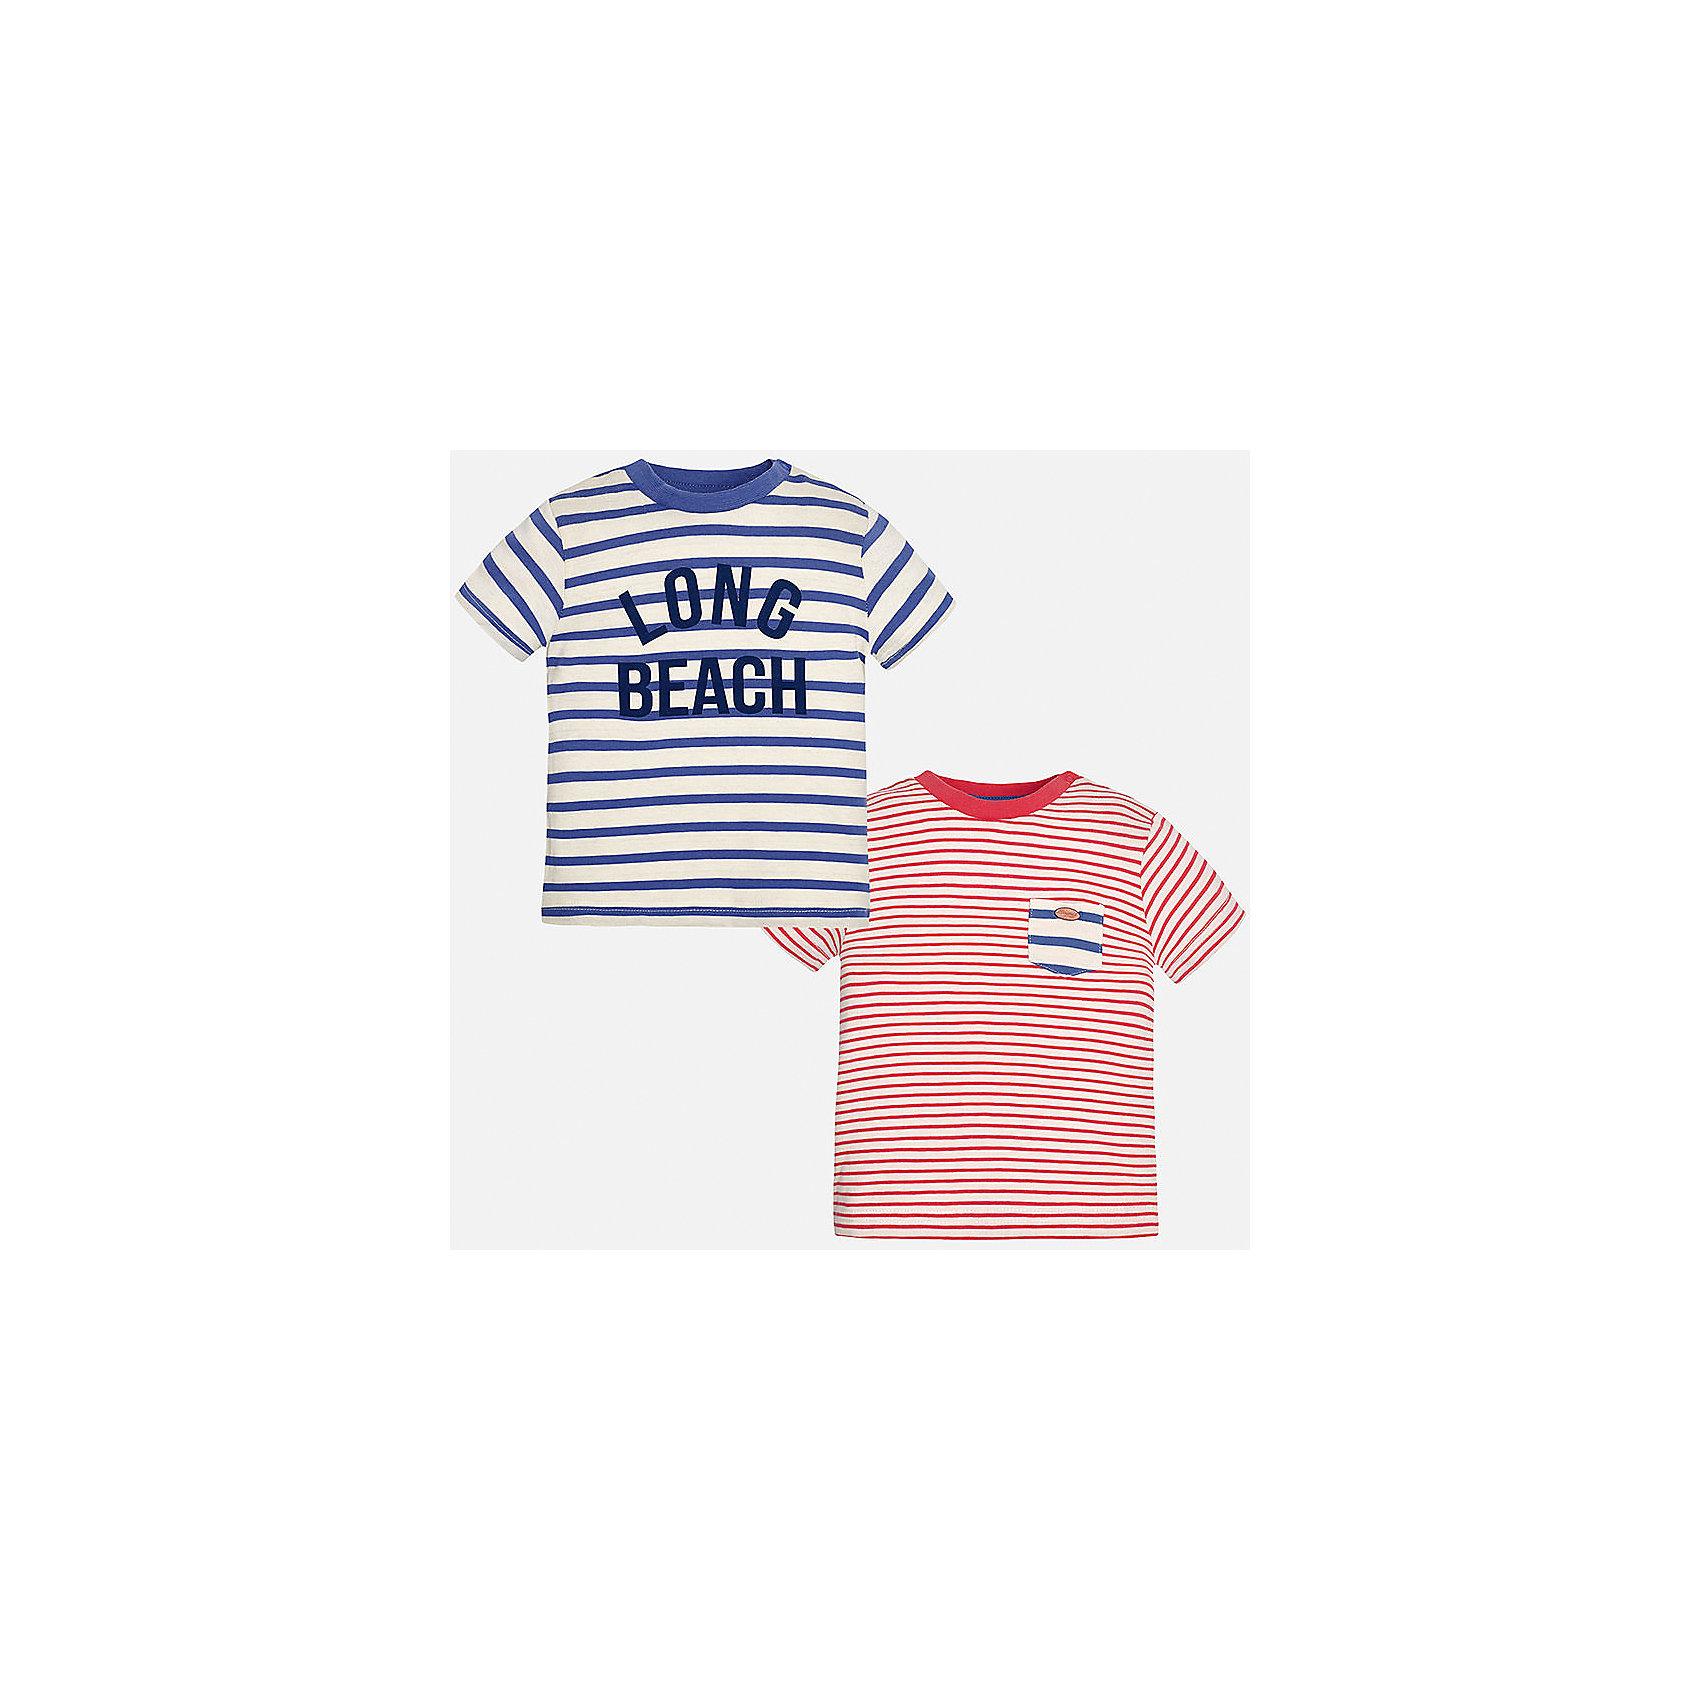 Футболка (2 шт.) для мальчика MayoralФутболки, топы<br>Характеристики товара:<br><br>• цвет: белый/синий/красный<br>• состав: 100% хлопок<br>• комплектация: 2 шт<br>• круглый горловой вырез<br>• одна футболка декорирована надписью<br>• короткие рукава<br>• мягкая отделка горловины<br>• страна бренда: Испания<br><br>Стильная удобная футболка с принтом поможет разнообразить гардероб мальчика. Она отлично сочетается с брюками, шортами, джинсами. Универсальный крой и цвет позволяет подобрать к вещи низ разных расцветок. Практичное и стильное изделие! Хорошо смотрится и комфортно сидит на детях. В составе материала - натуральный хлопок, гипоаллергенный, приятный на ощупь, дышащий. В этом наборе - сразу две модные футболки разных расцветок!<br><br>Одежда, обувь и аксессуары от испанского бренда Mayoral полюбились детям и взрослым по всему миру. Модели этой марки - стильные и удобные. Для их производства используются только безопасные, качественные материалы и фурнитура. Порадуйте ребенка модными и красивыми вещами от Mayoral! <br><br>Футболку (2 шт.) для мальчика от испанского бренда Mayoral (Майорал) можно купить в нашем интернет-магазине.<br><br>Ширина мм: 191<br>Глубина мм: 10<br>Высота мм: 175<br>Вес г: 273<br>Цвет: разноцветный<br>Возраст от месяцев: 12<br>Возраст до месяцев: 15<br>Пол: Мужской<br>Возраст: Детский<br>Размер: 80,92,86<br>SKU: 5278477